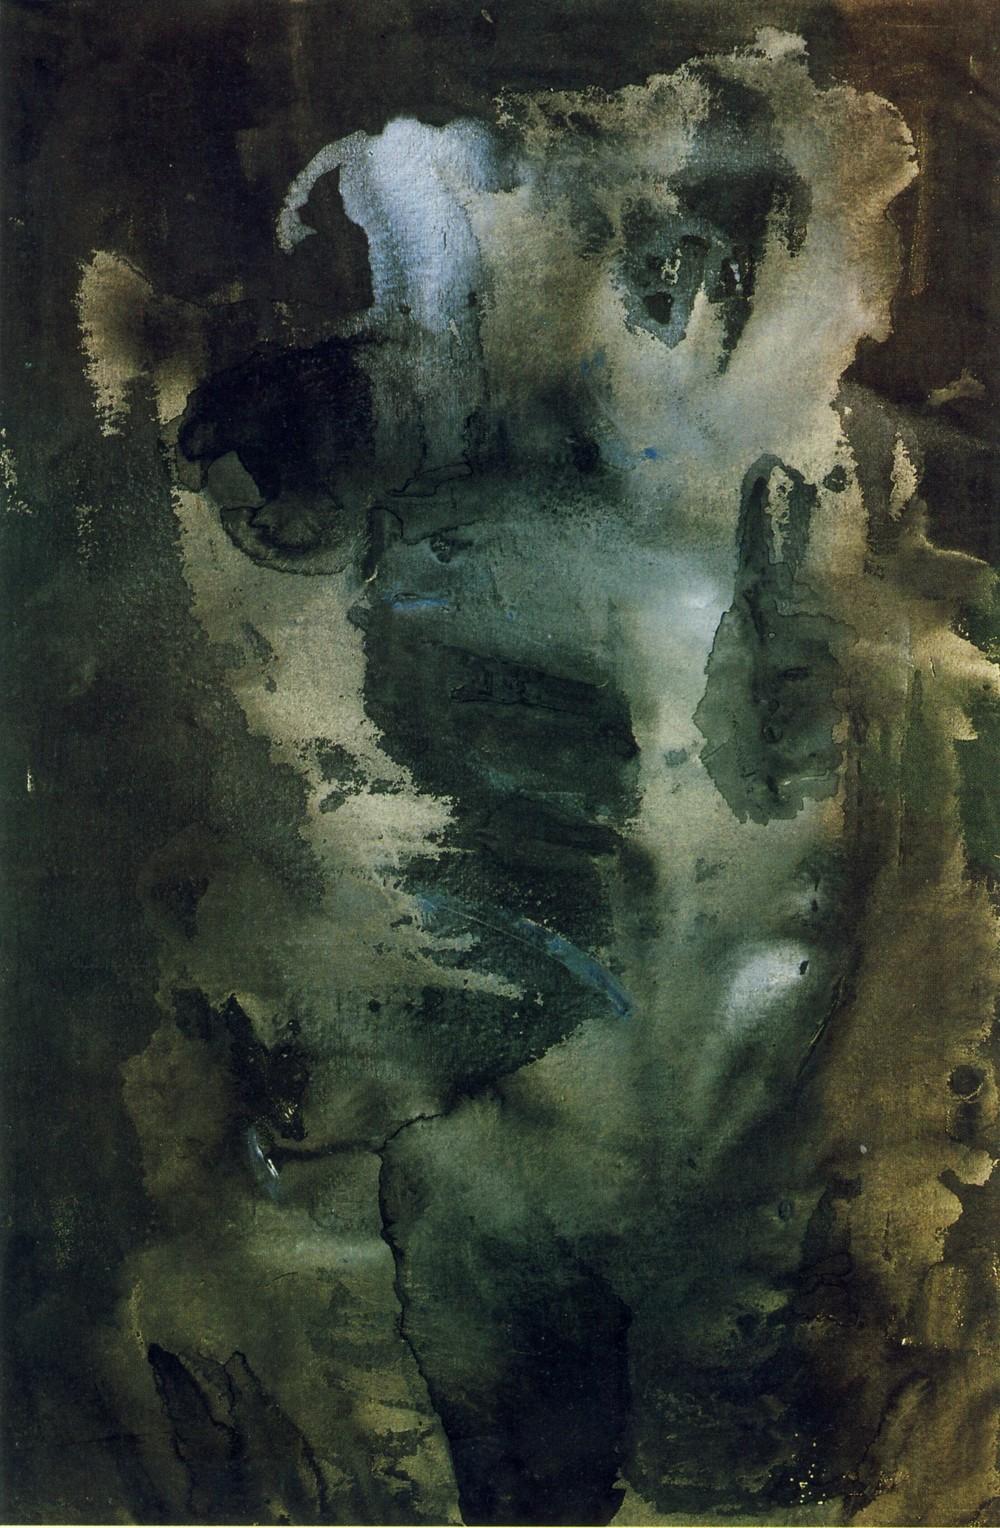 Larva azzurra, 1958, olio su tela, cm 120 x 80  Larva azzurra, 1958, oil on canvas, cm 120 x 80